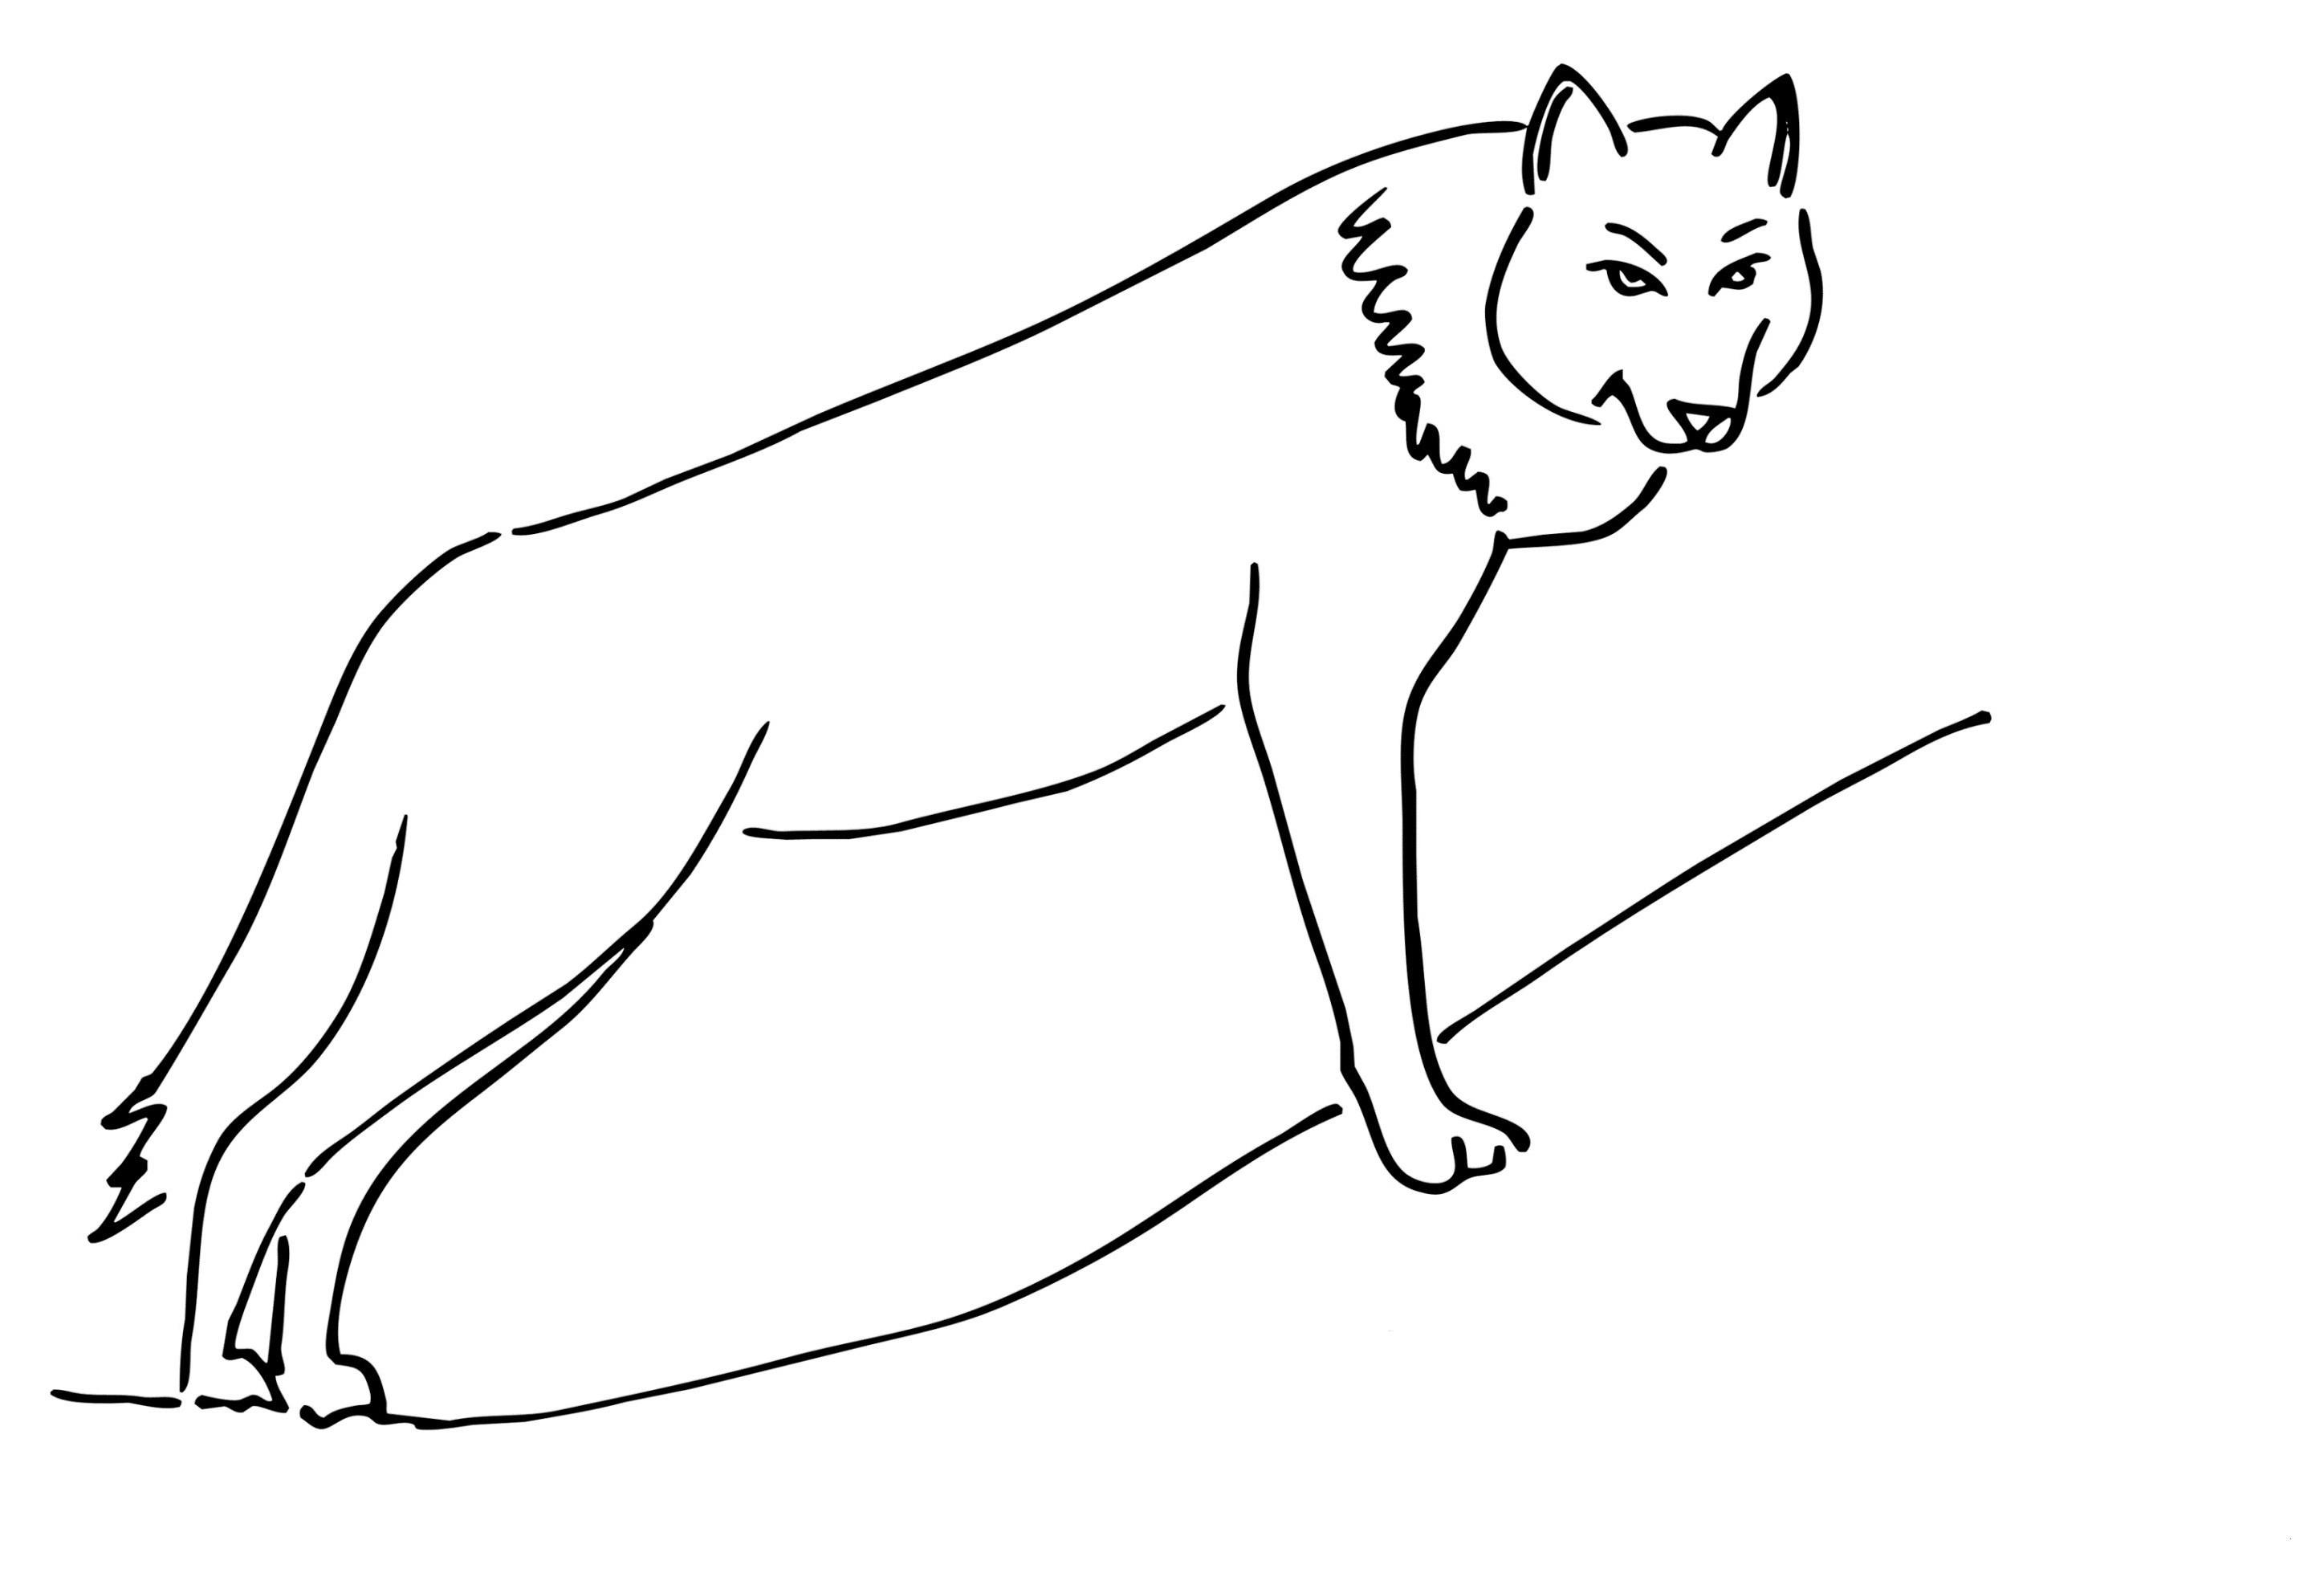 Wolf Bilder Zum Ausmalen Einzigartig 35 Fantastisch Ausmalbilder